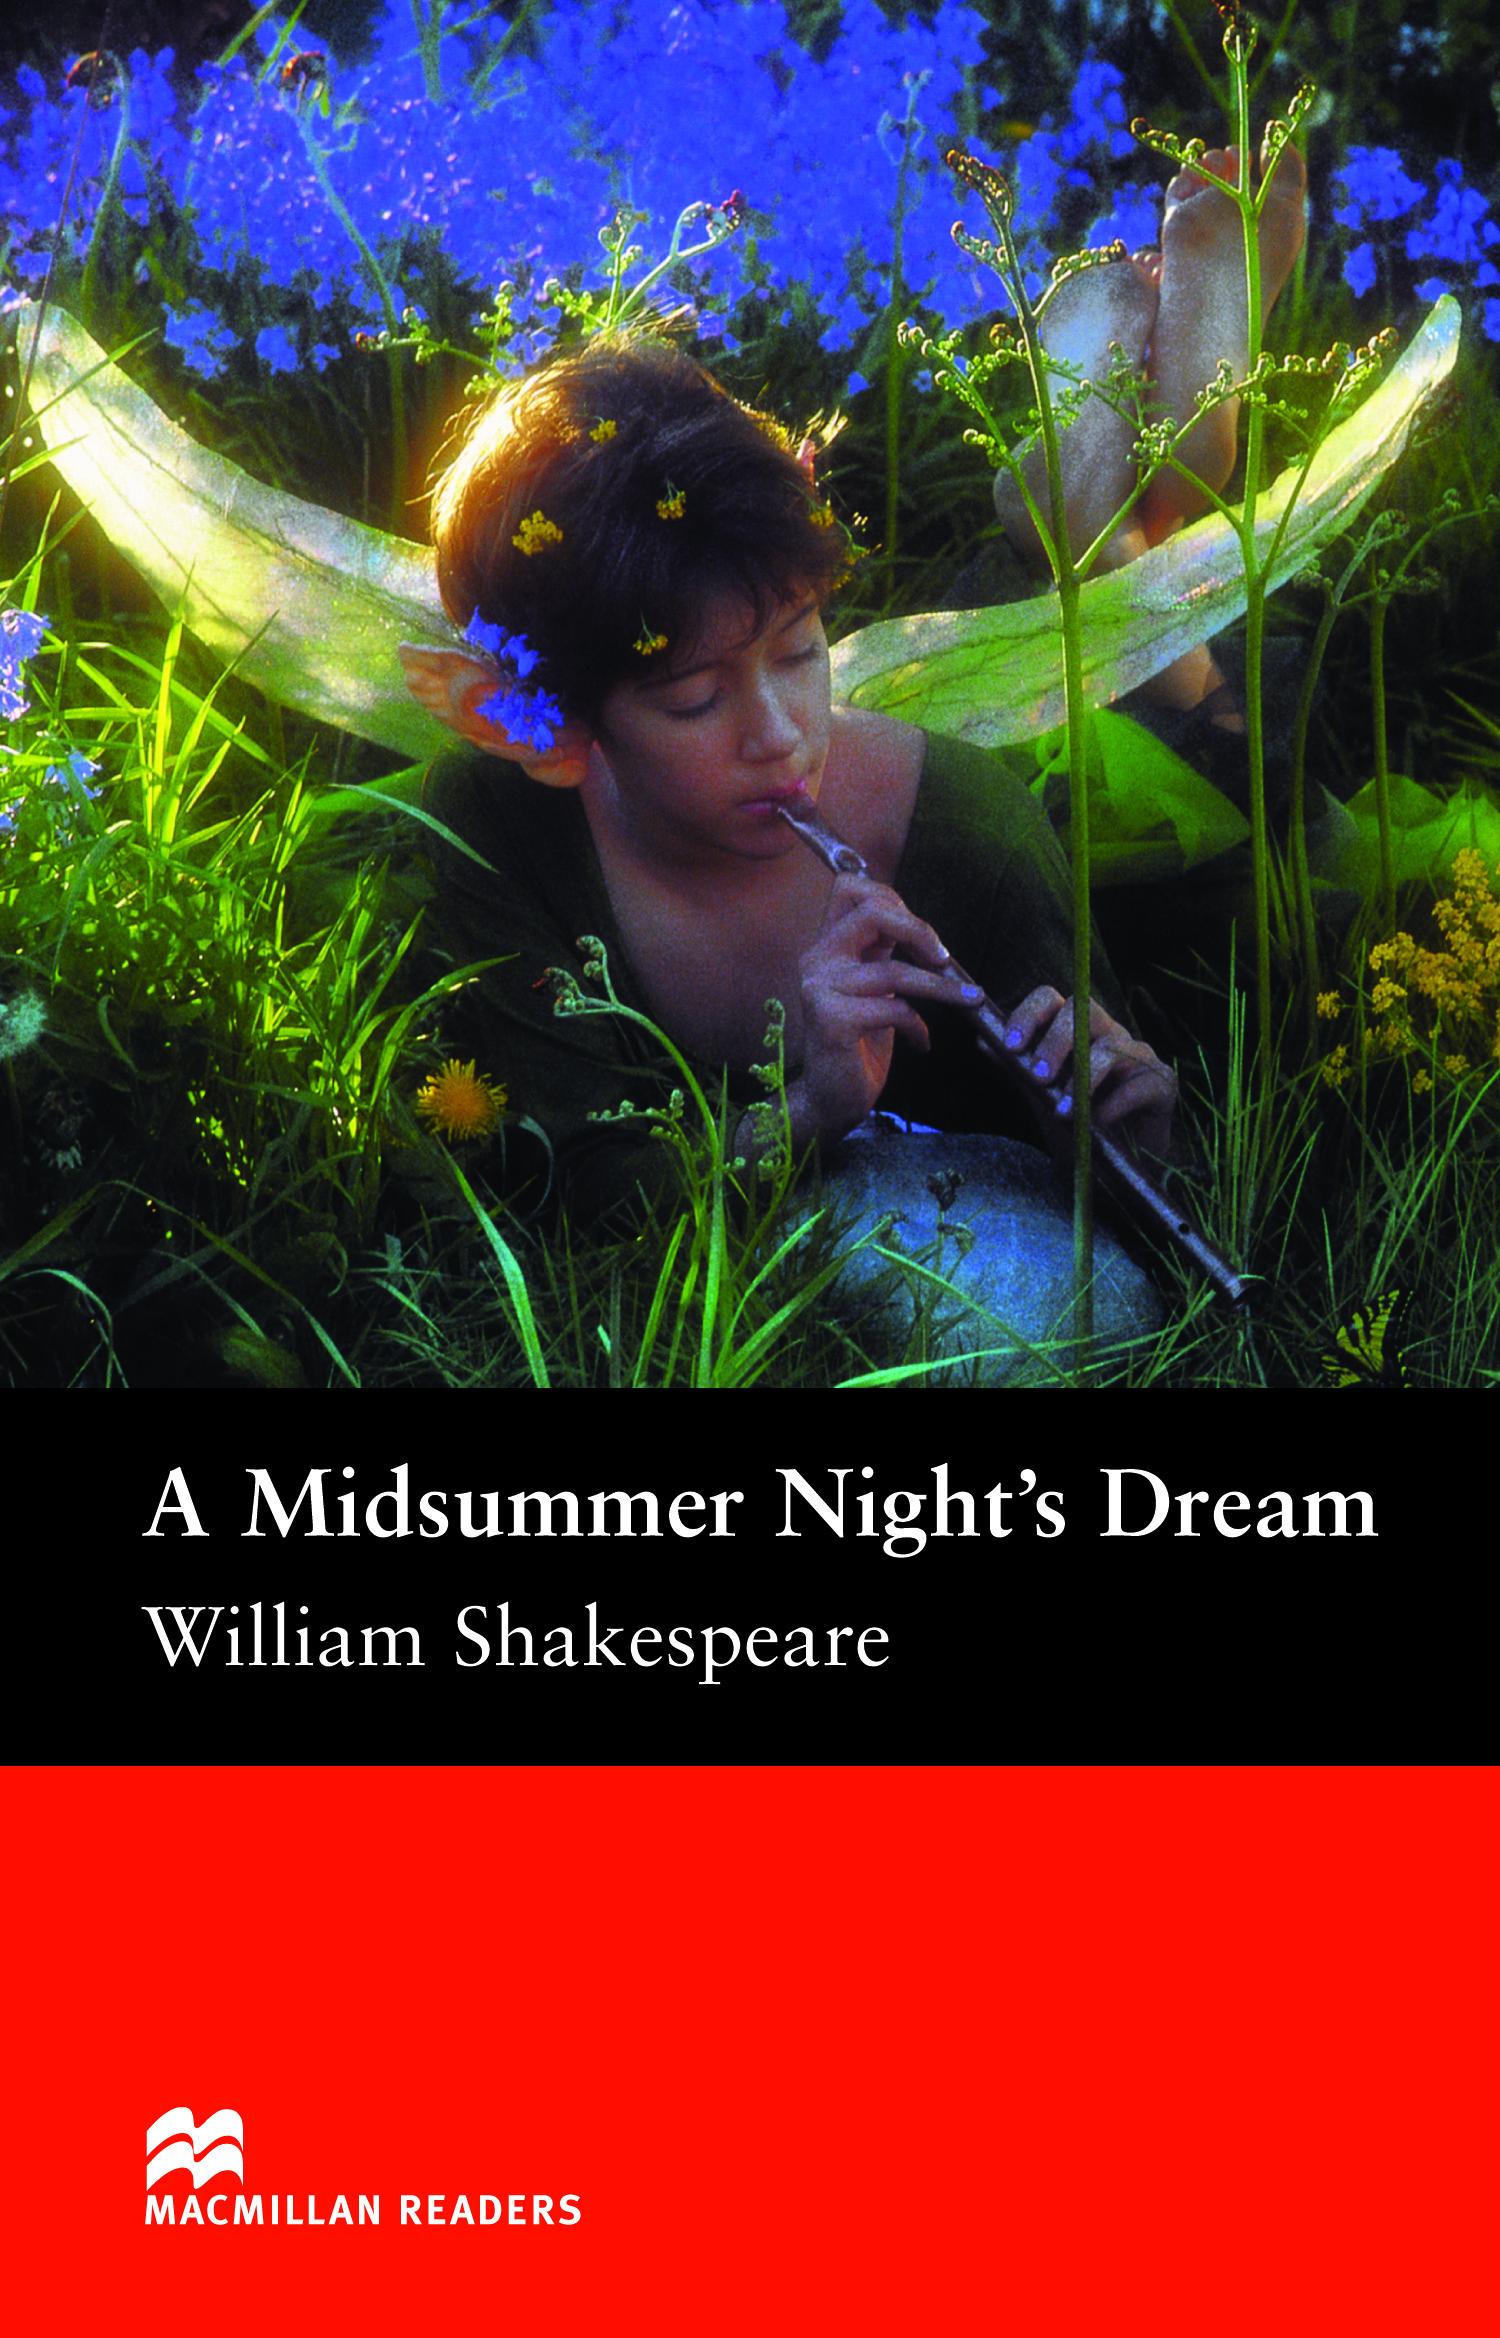 Macmillan Readers: A Midsummer Night